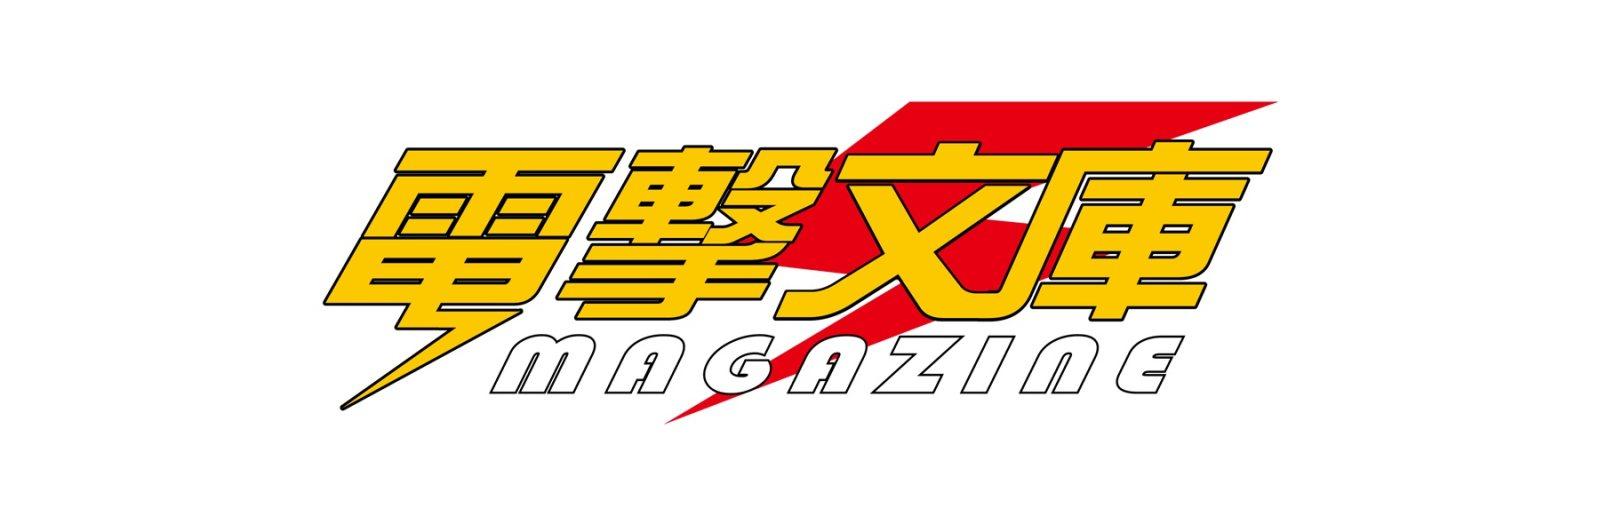 12年历史落幕,小说杂志《电击文库MAGAZINE》休刊